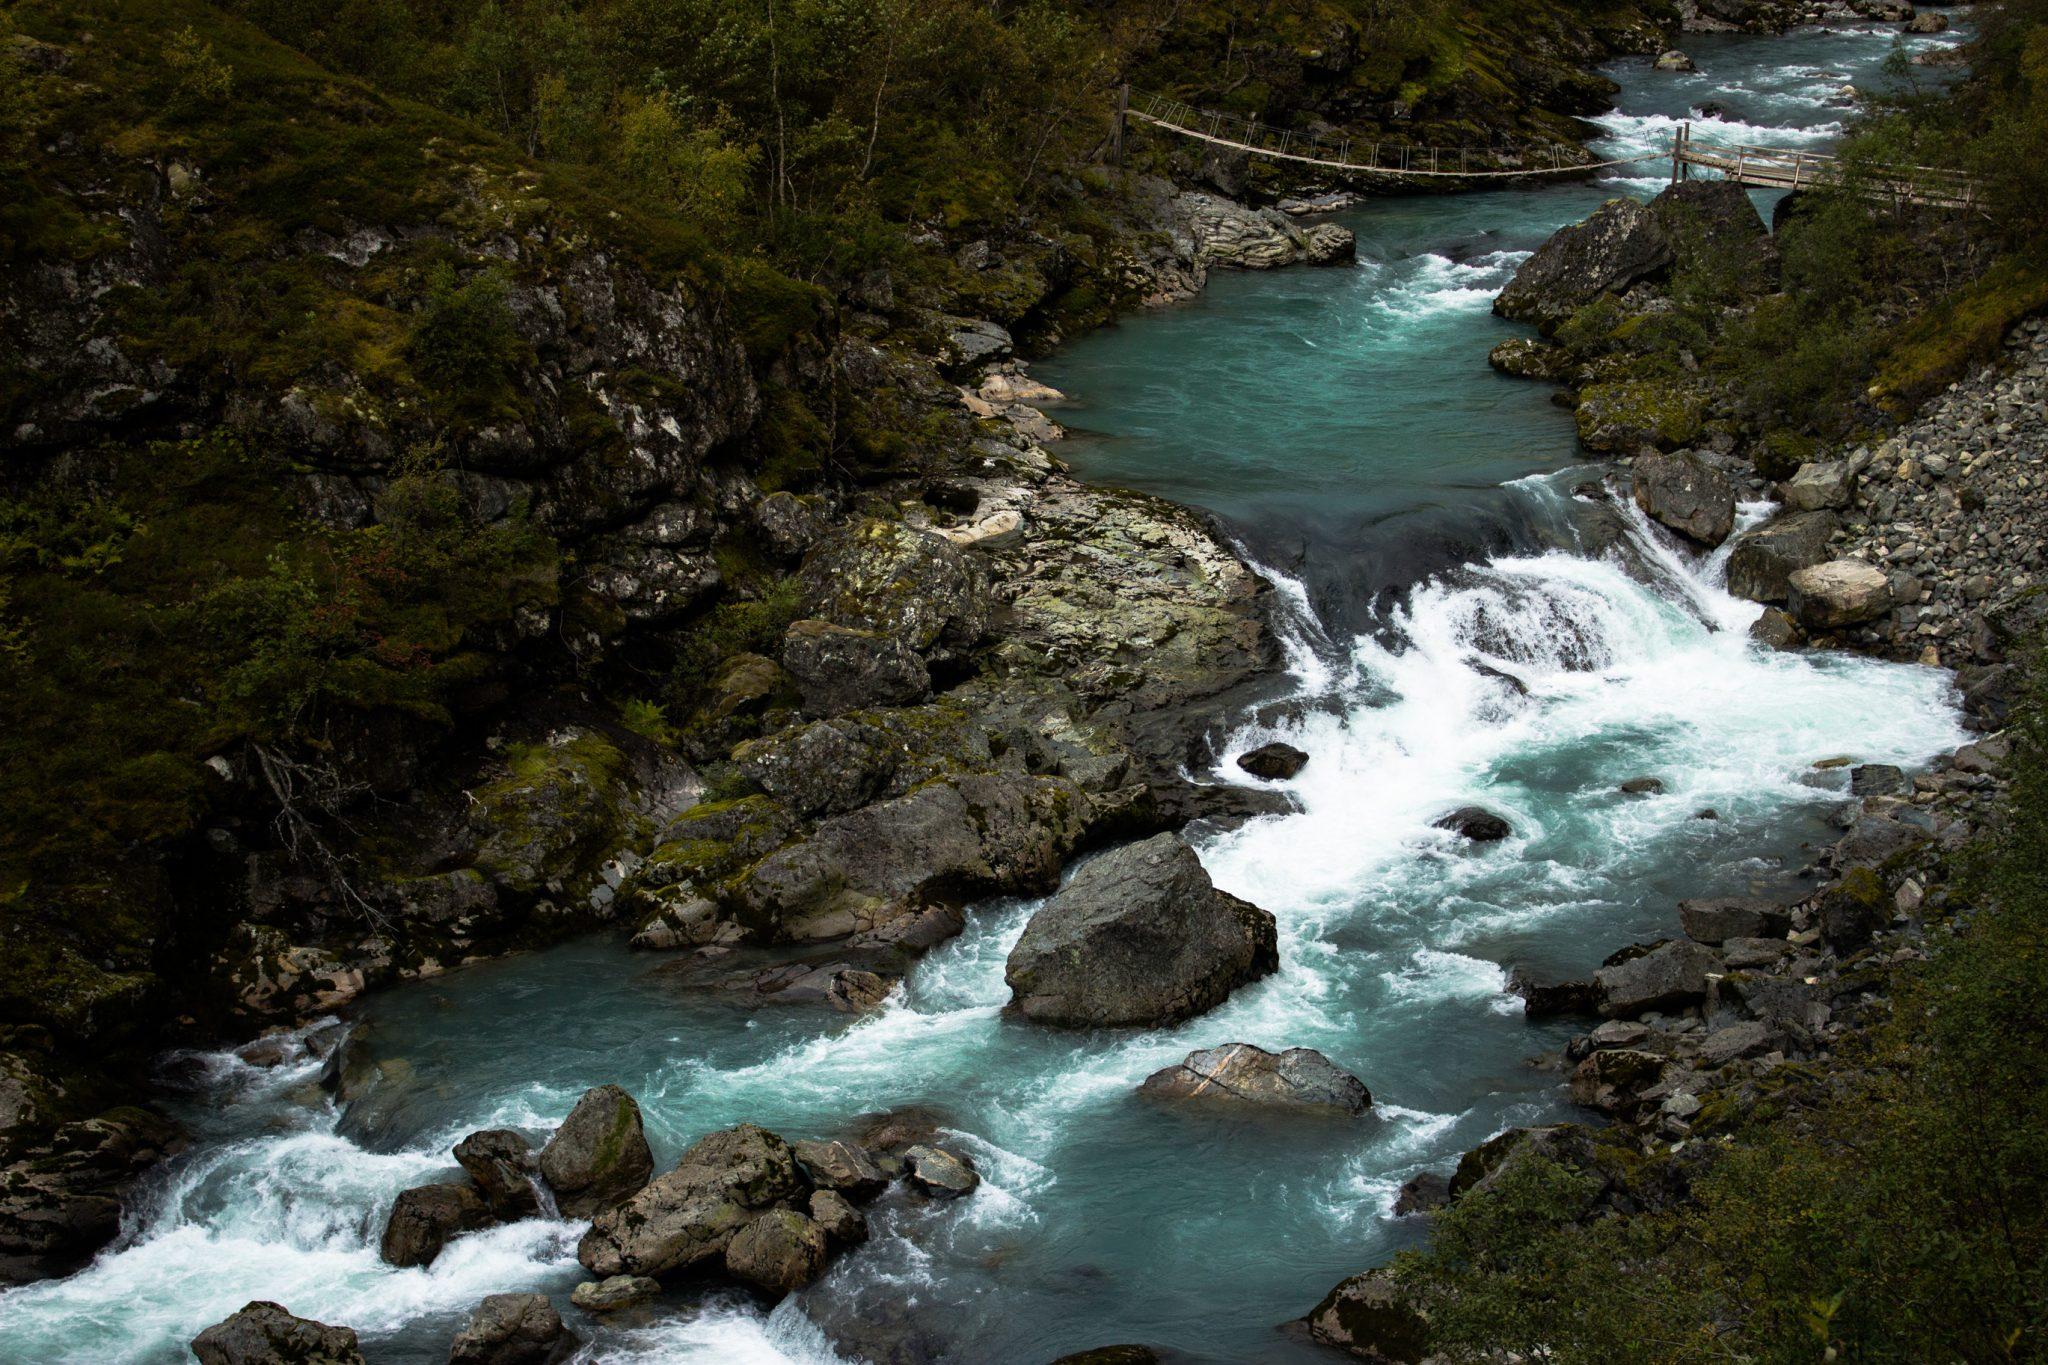 Wanderung zum Vettisfossen Wasserfall, höchster unregulierter Wasserfall in Norwegen, Blick von Brücke auf sehr klares Wasser im Fluß und schönen Wald, Blick auf andere Hängebrücke